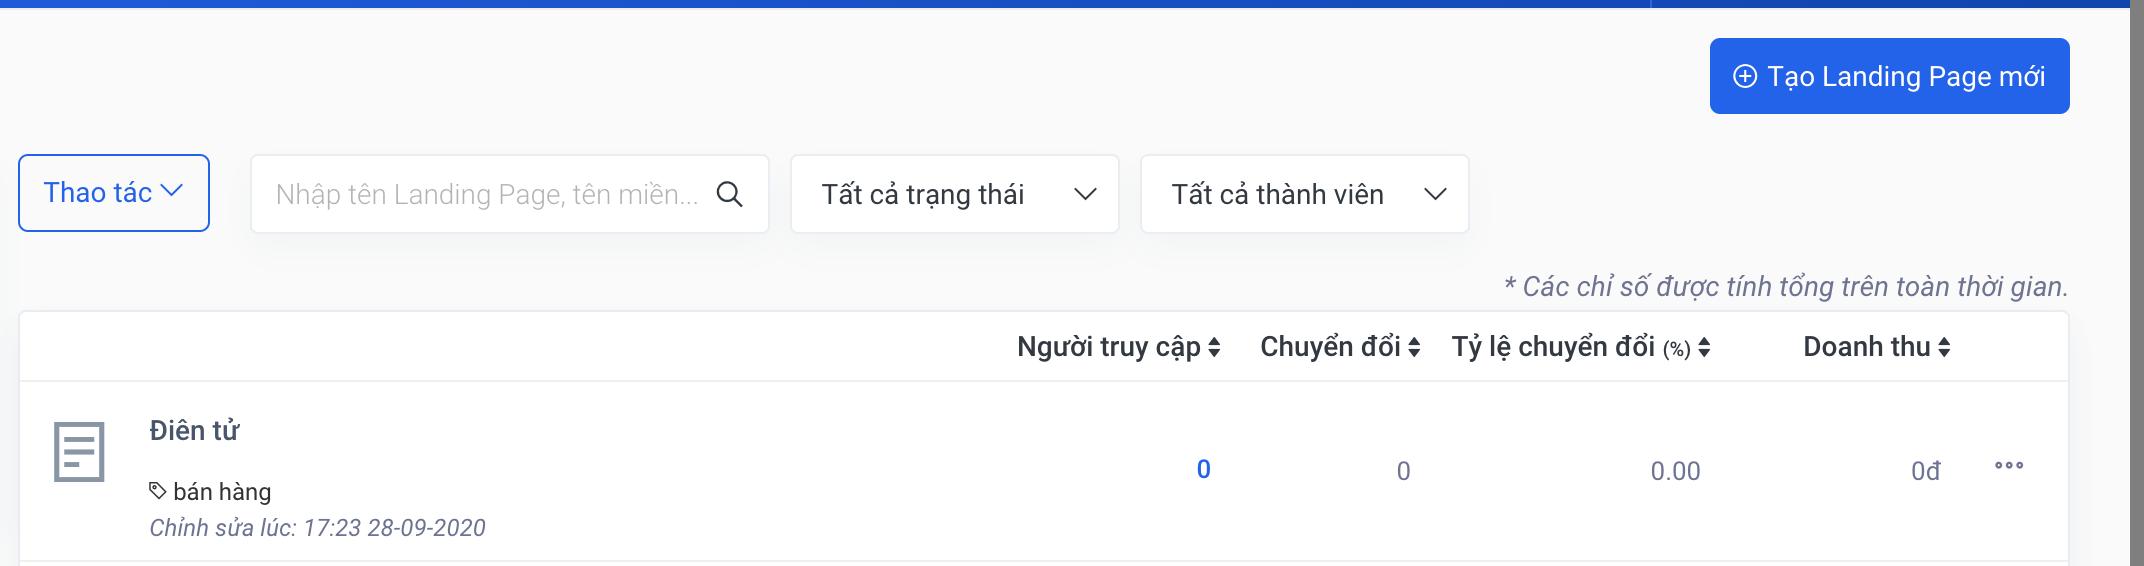 Hướng dẫn sử dụng mẫu Landing Page chủ đề Thank You Page đẹp miễn phí